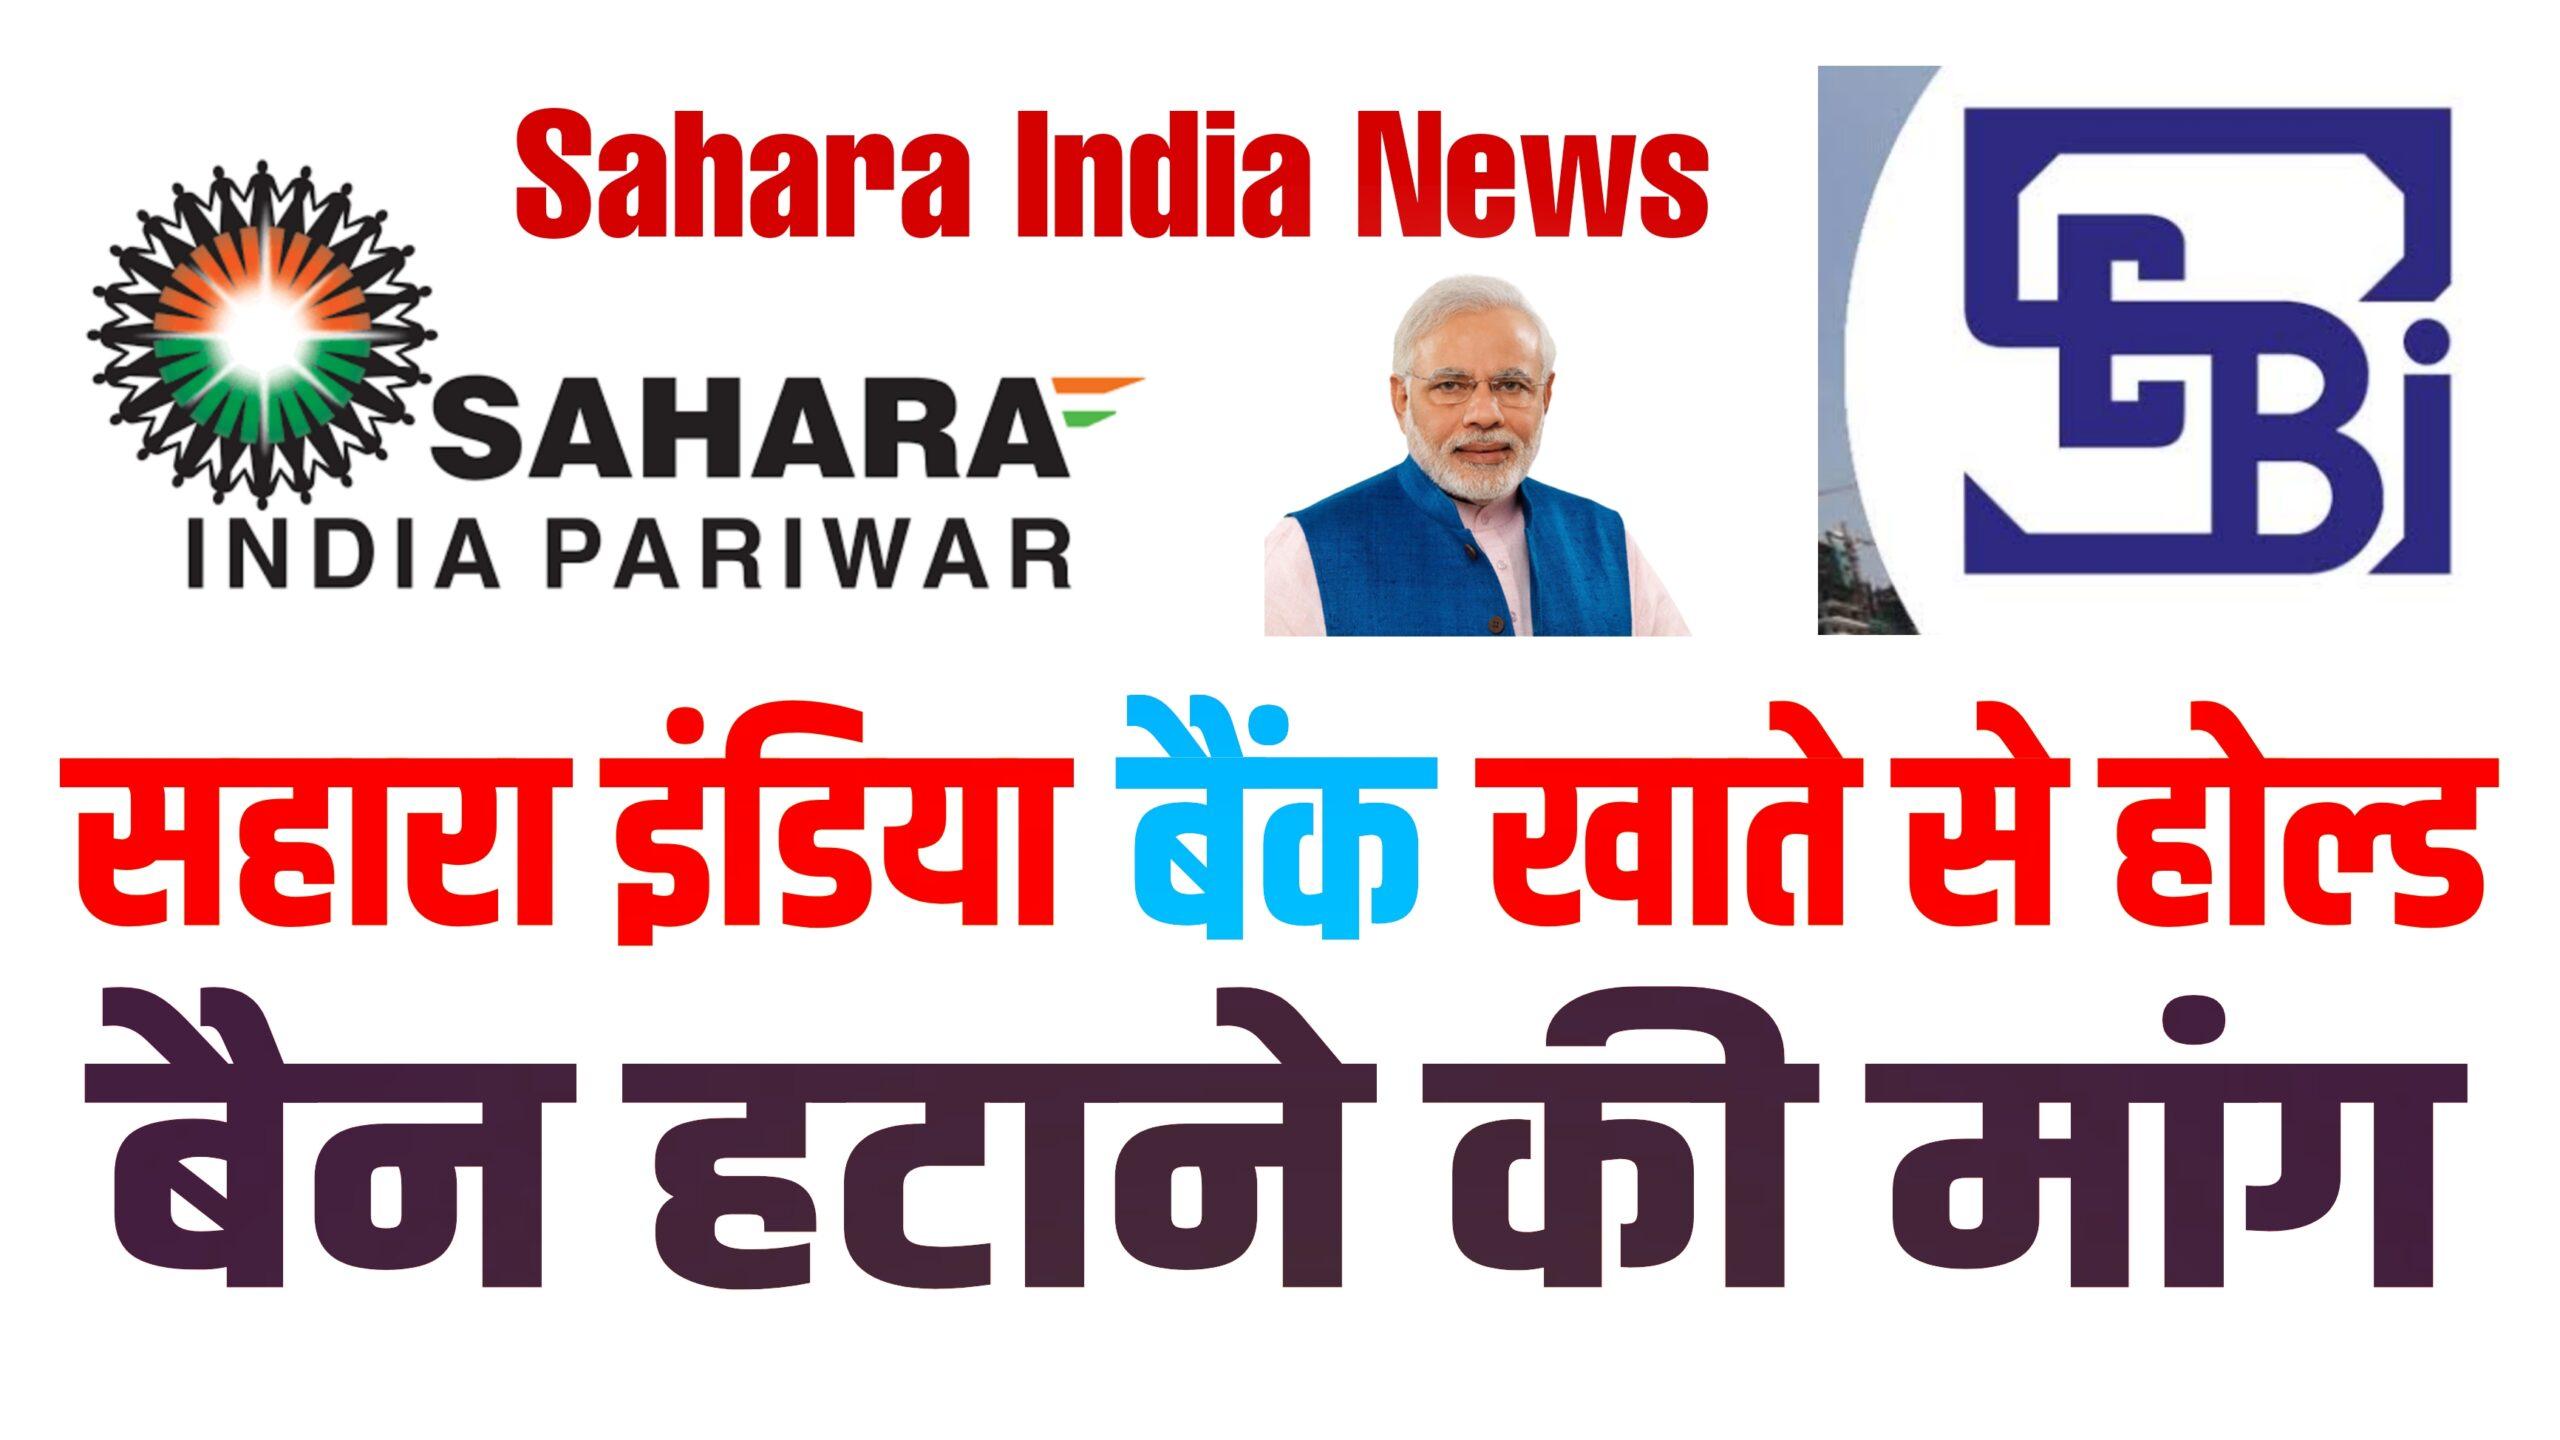 सहारा इंडिया बेंक खातों से सेबी द्वारा लगाए गए होल्ड हटाने की मांग, सौंपा ज्ञापन